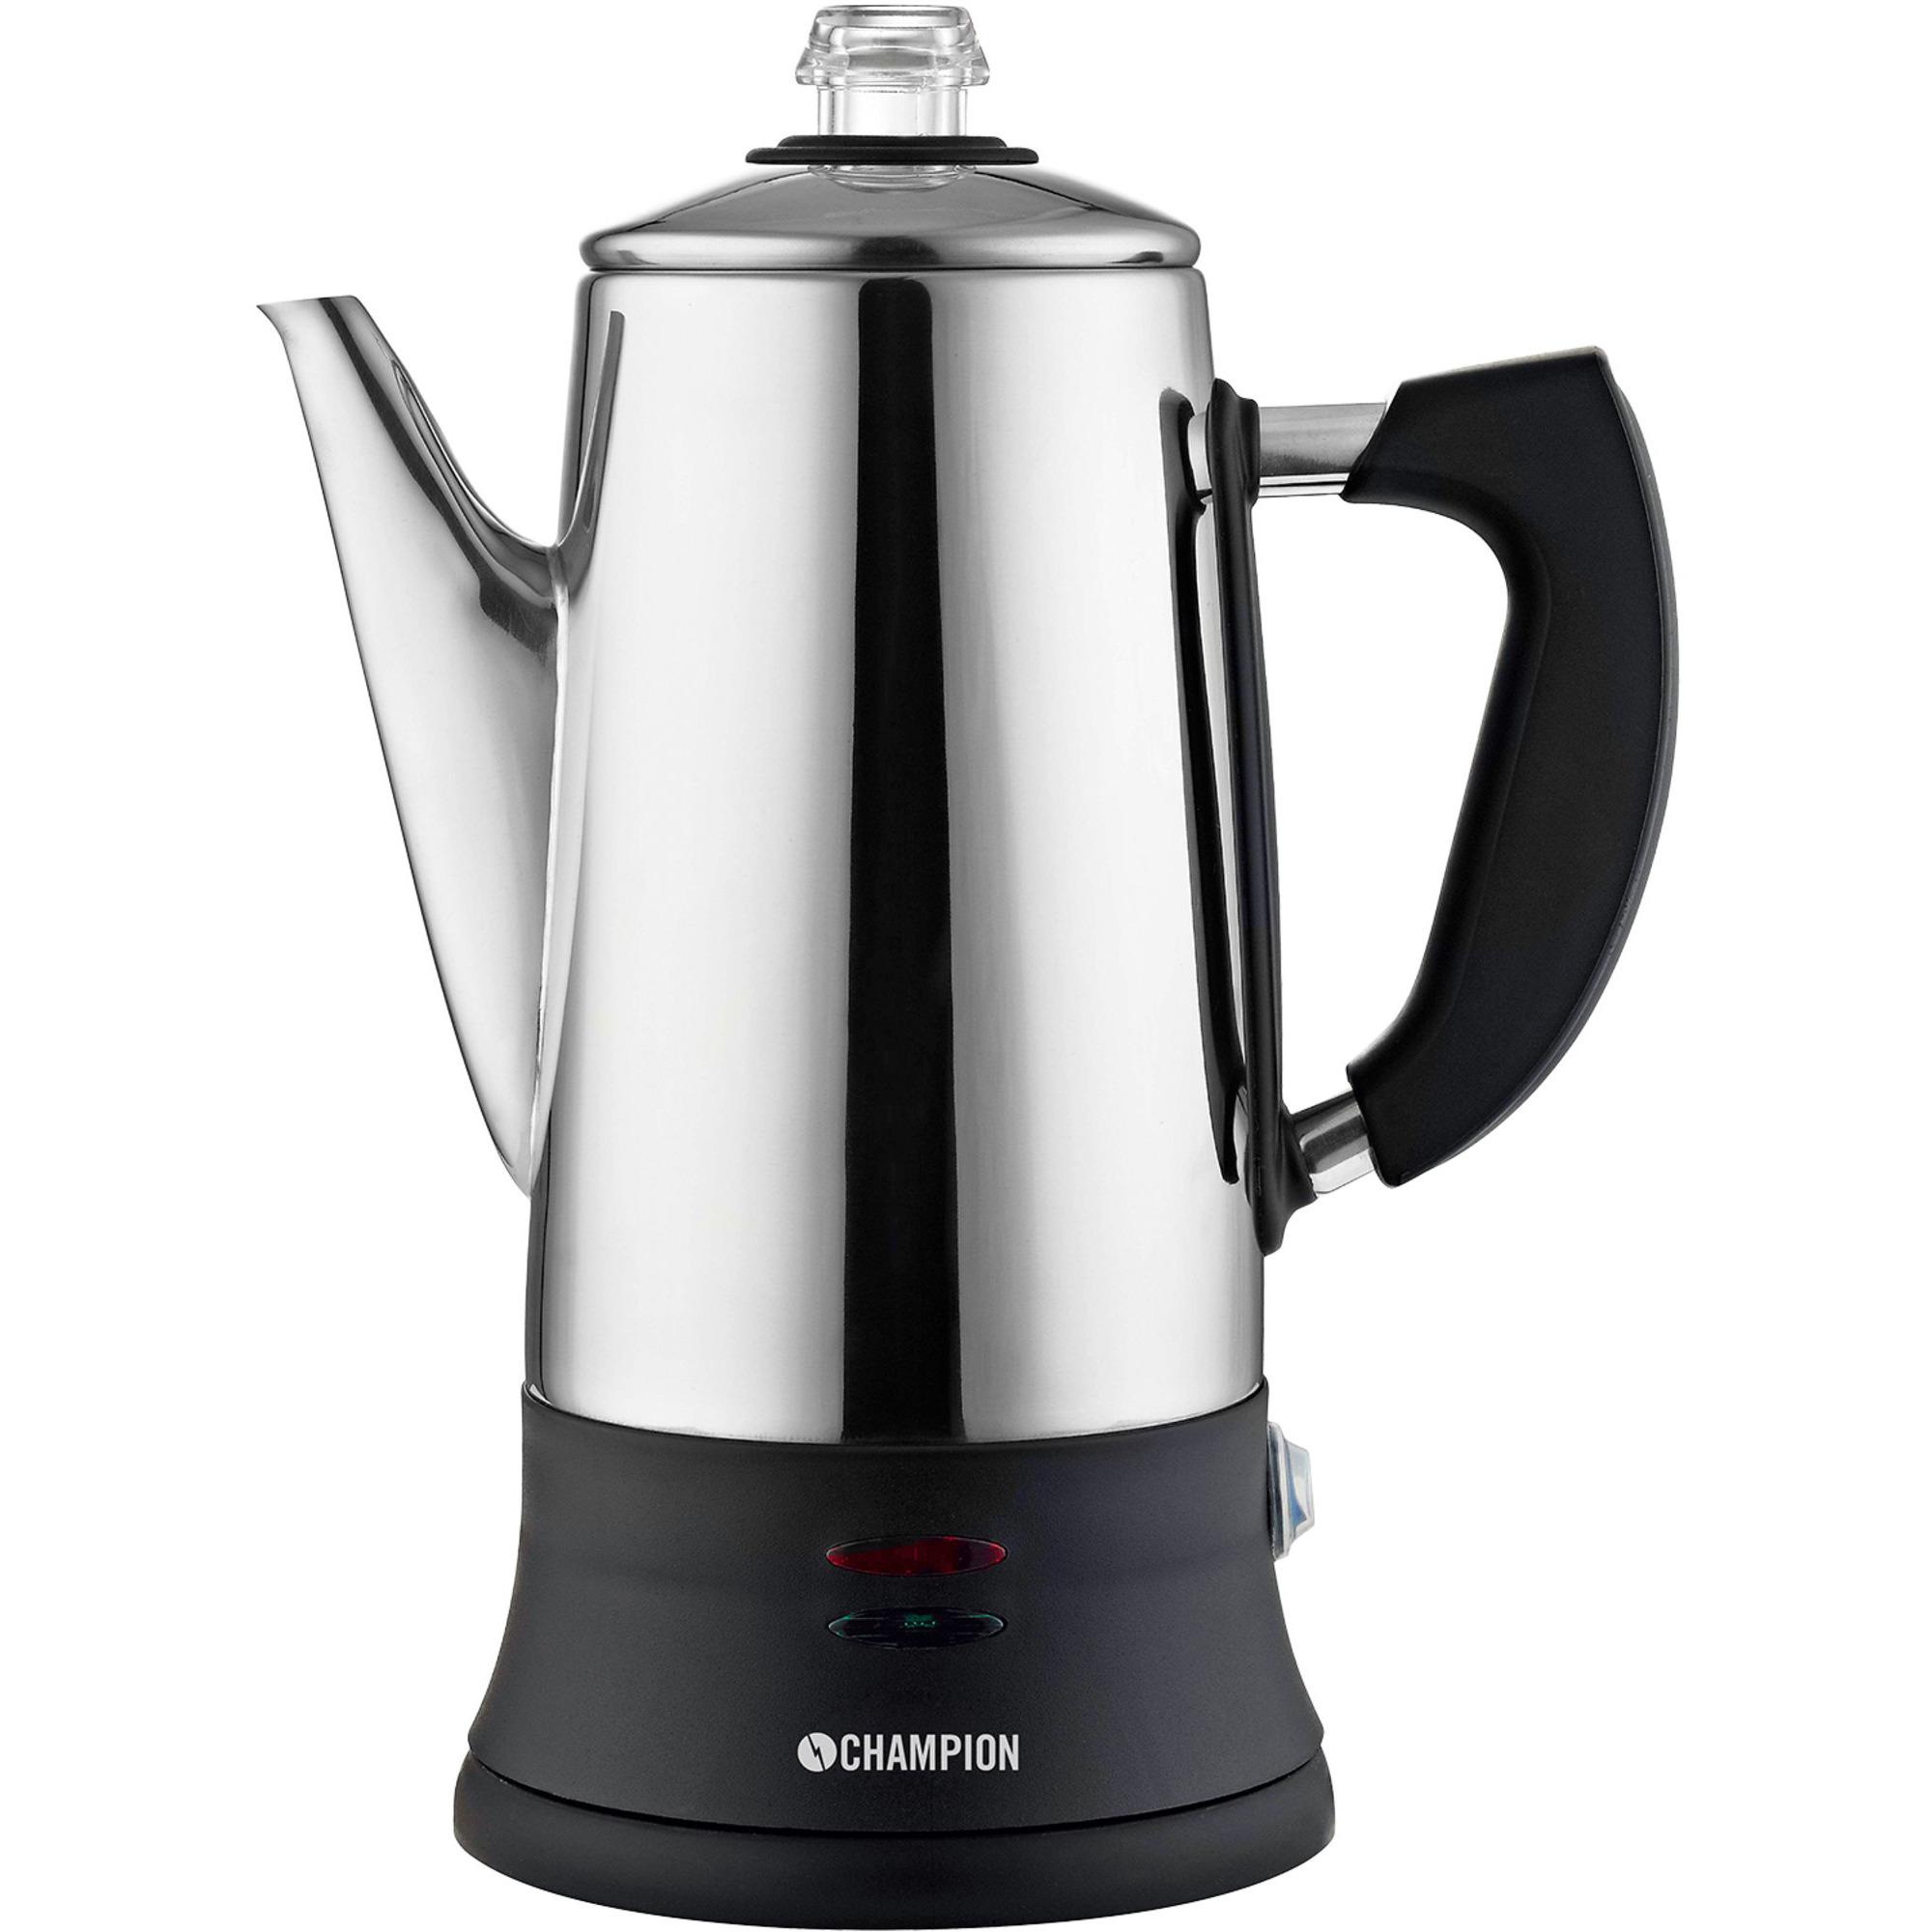 Champion Kaffebryggare Perkolator ECO 12 koppar